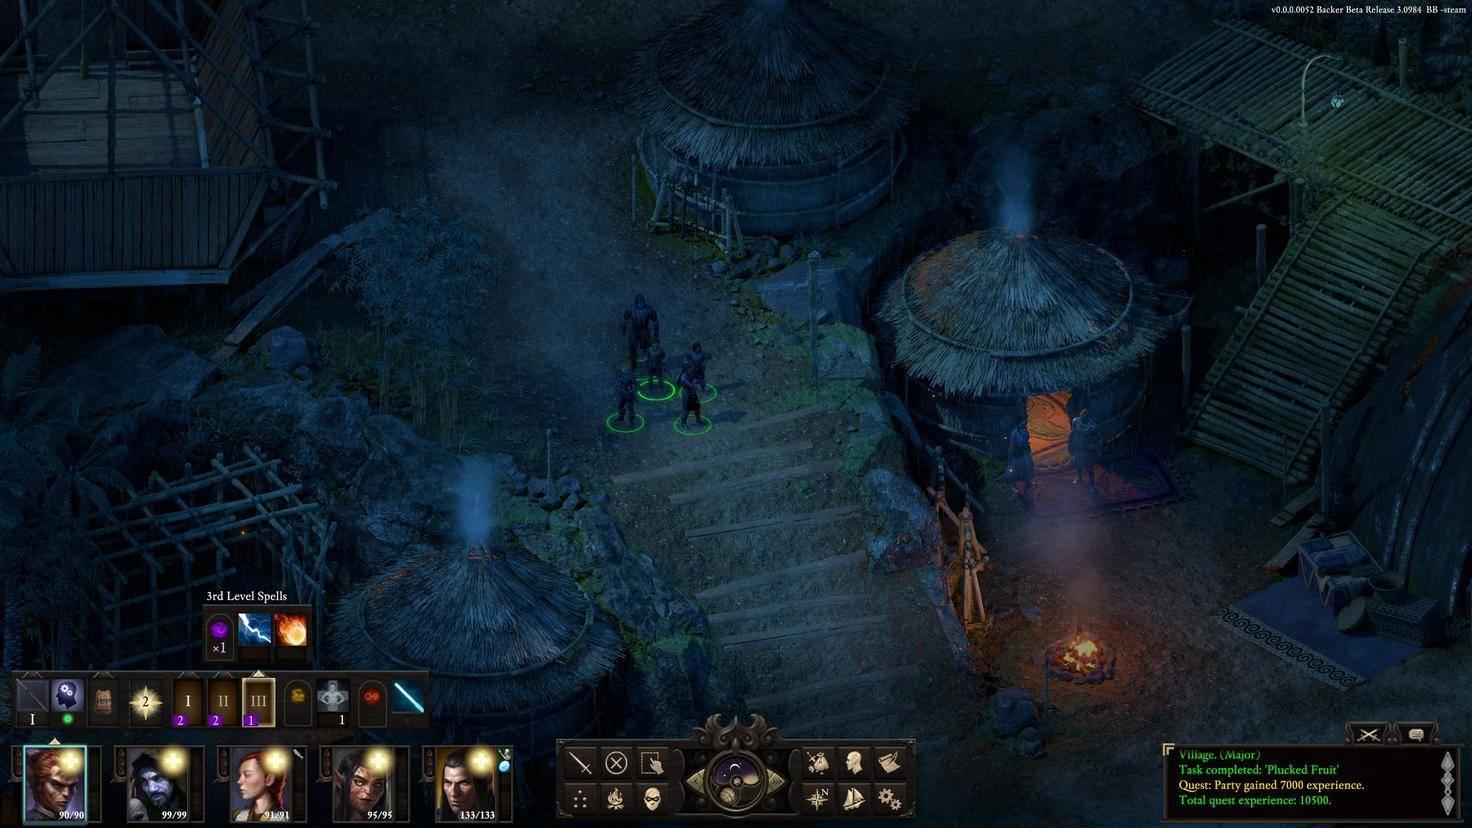 Pillars-of-Eternity-2-Deadfire-4